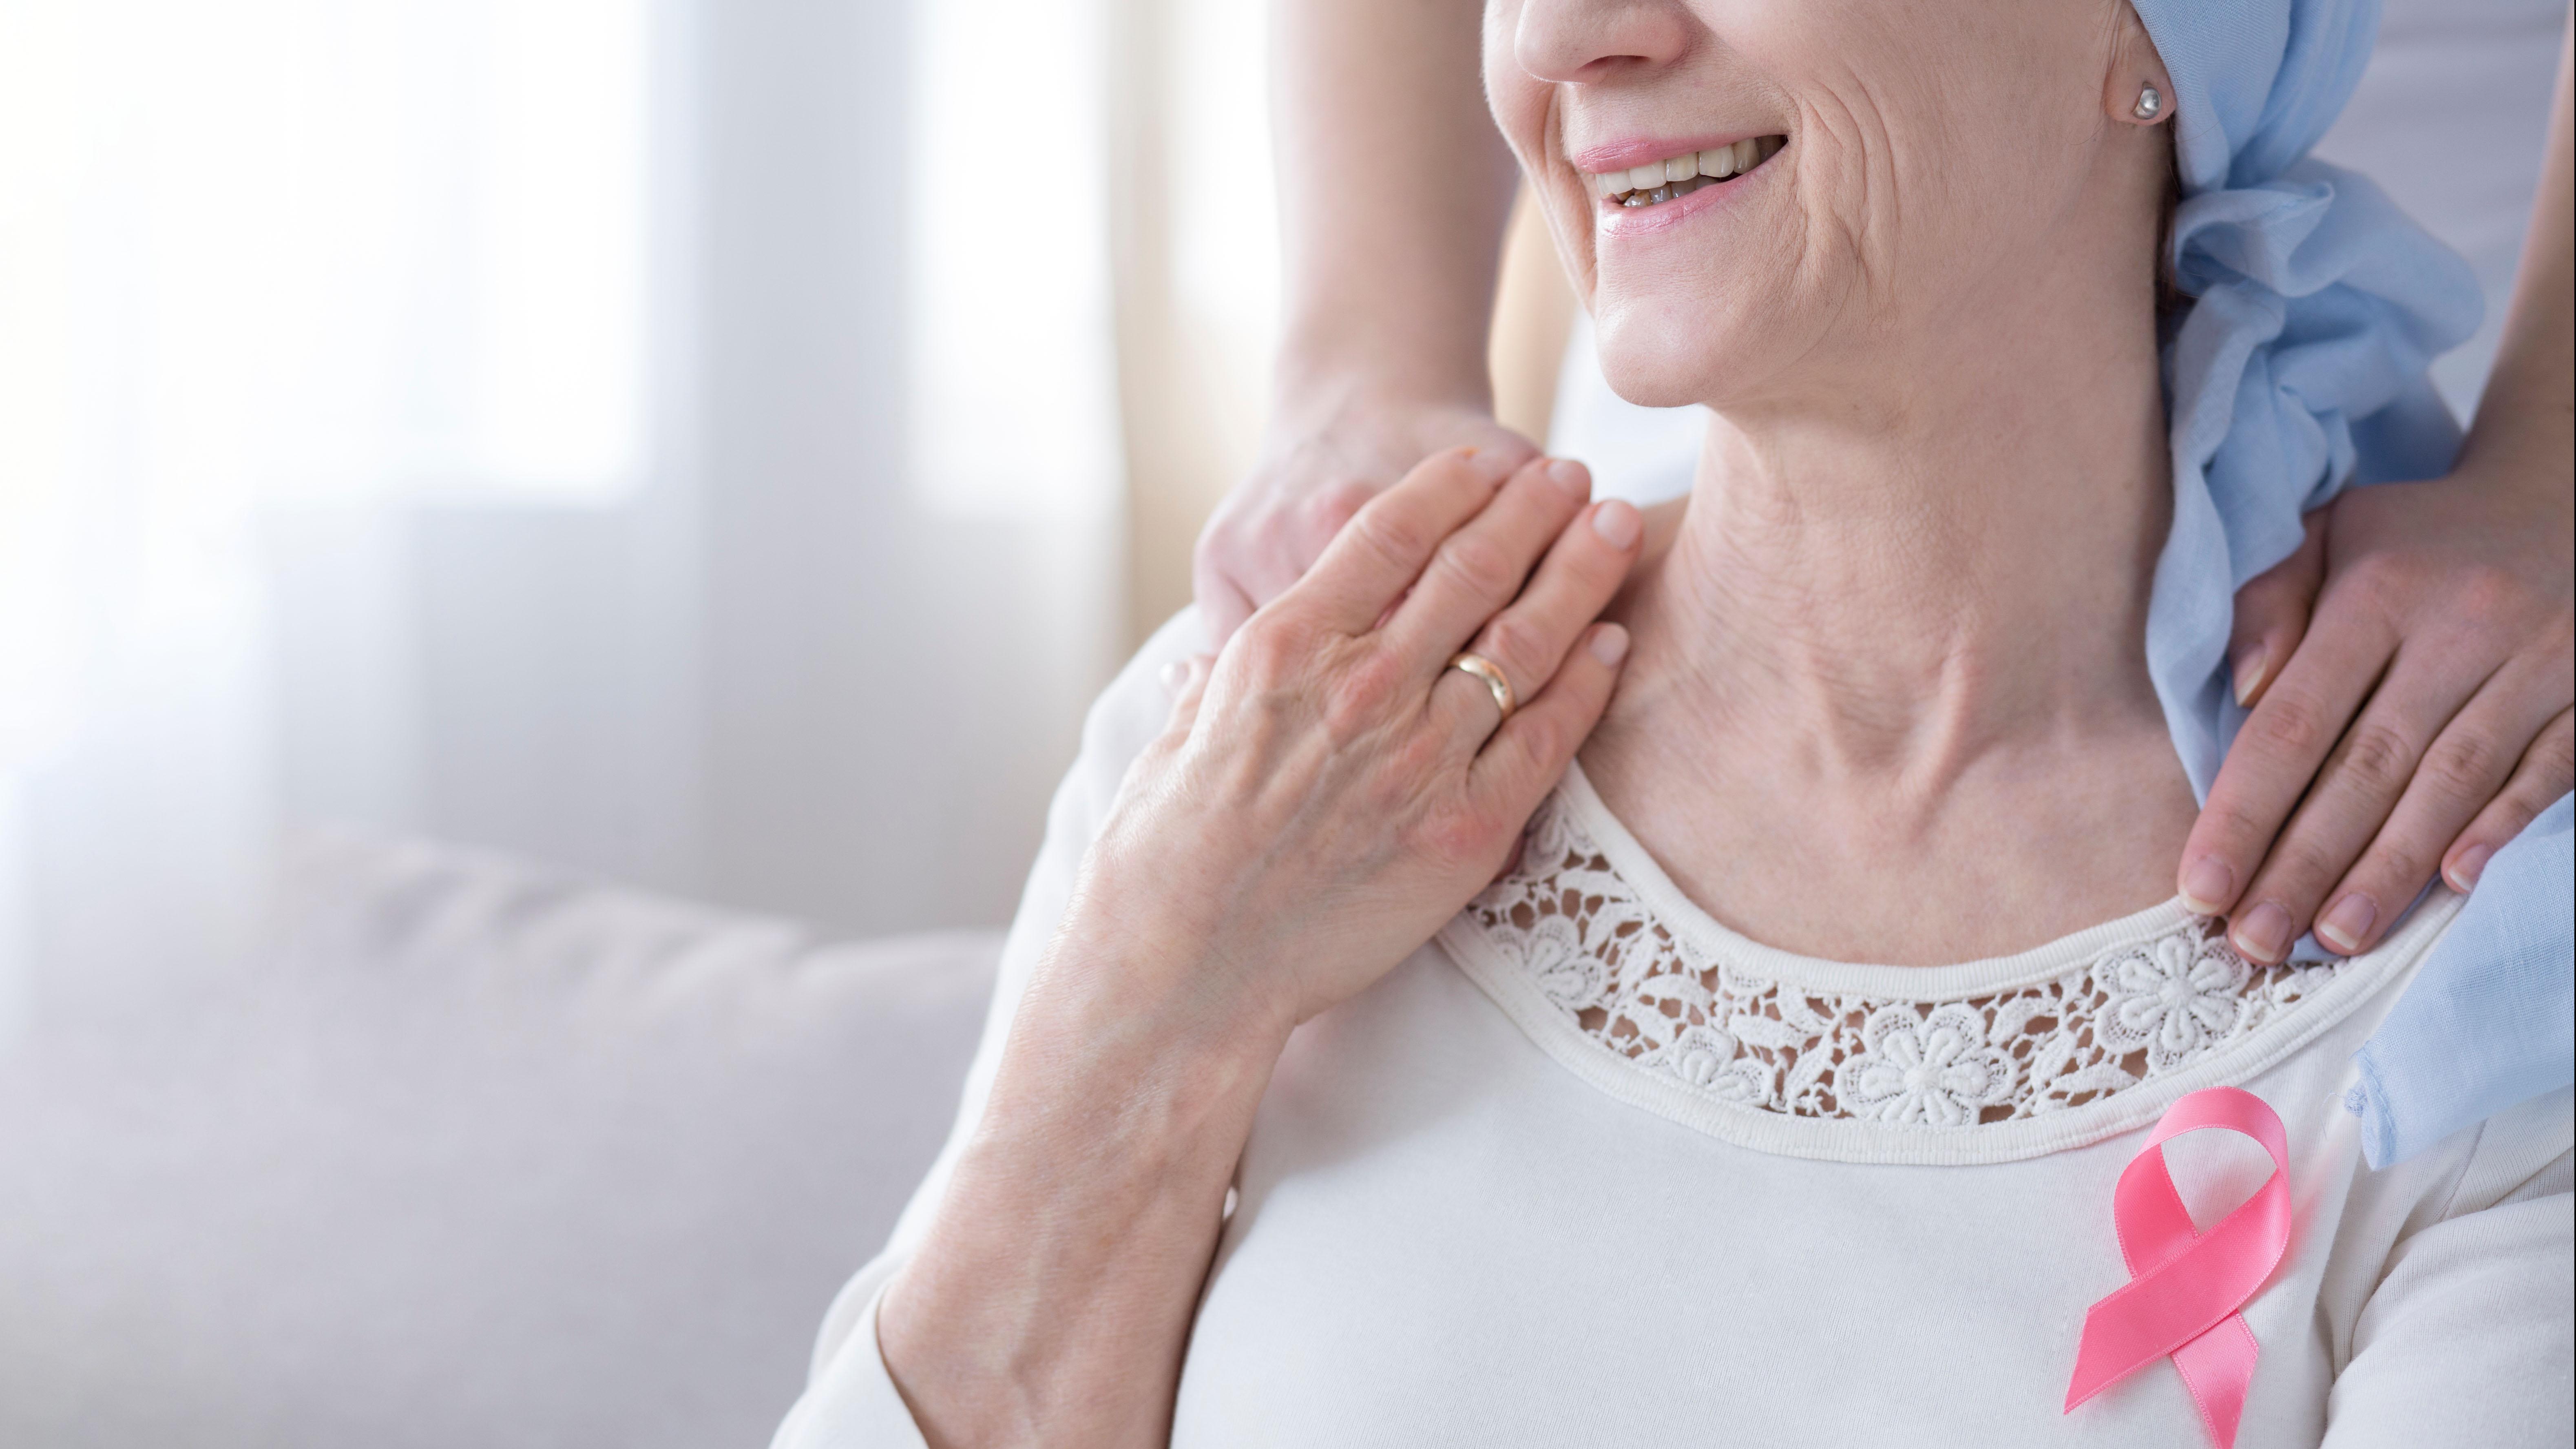 Esto es lo que ocurre dentro de tu cuerpo durante la quimioterapia